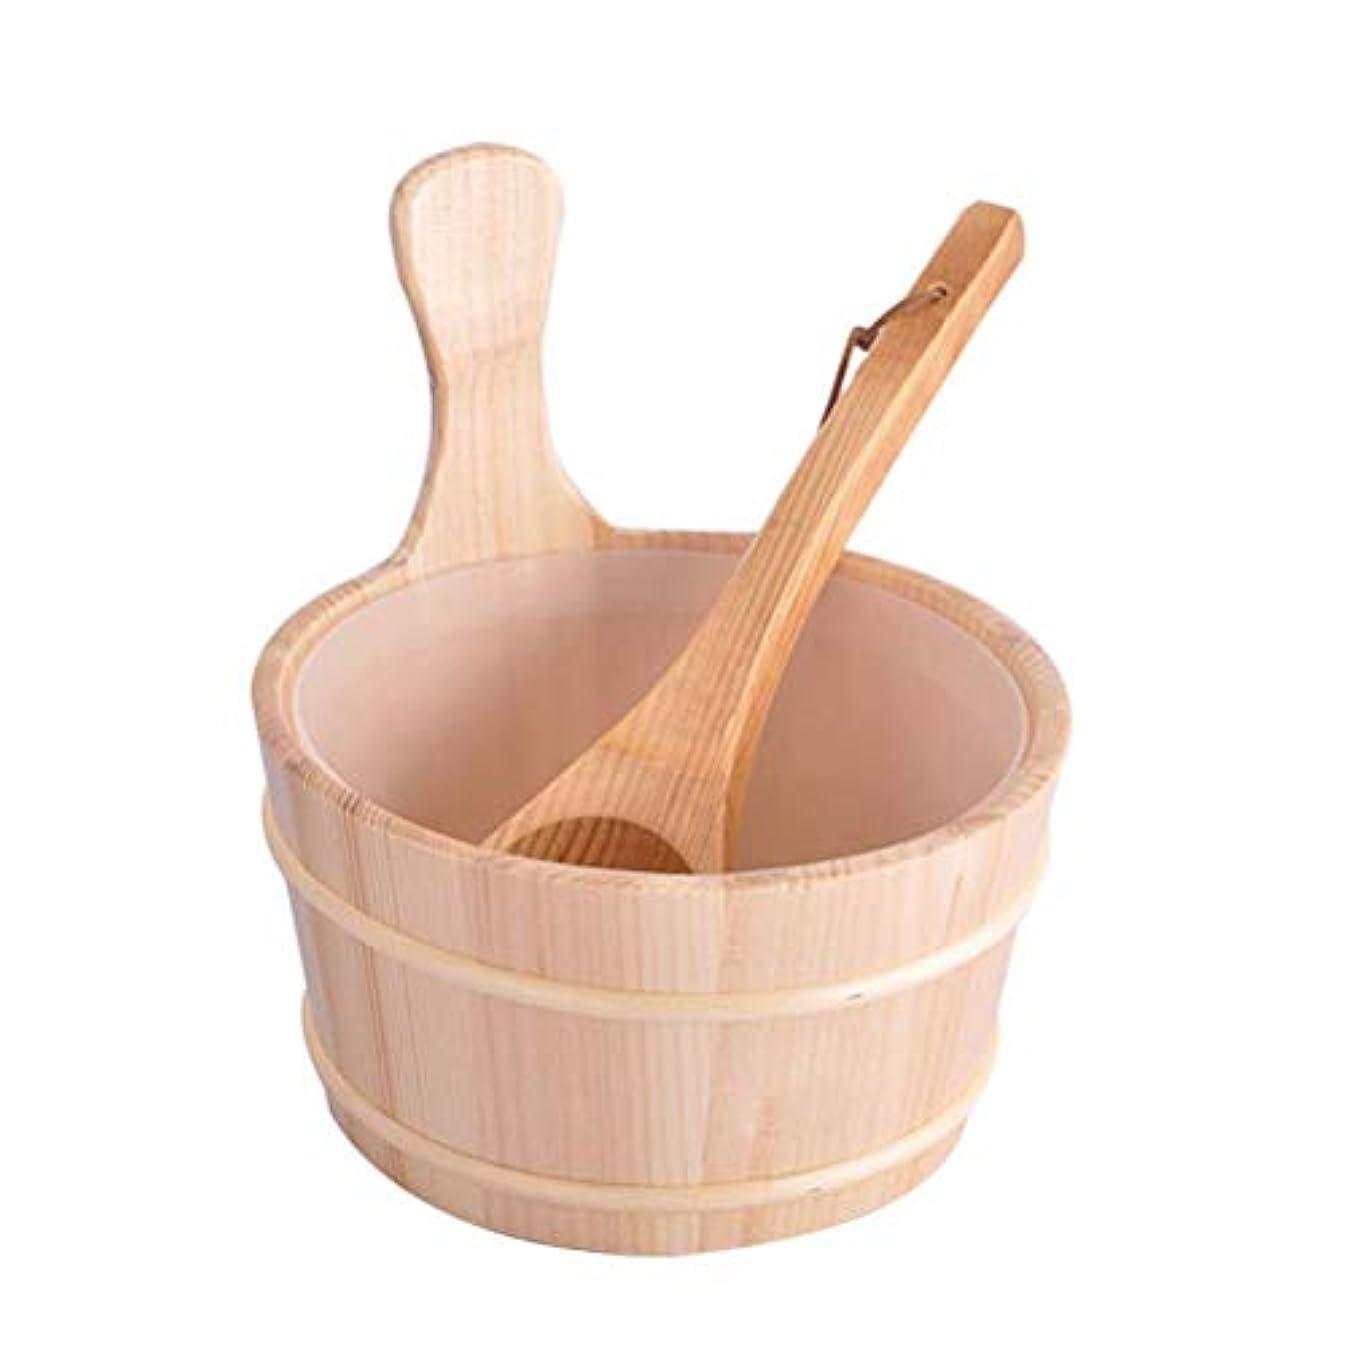 ブランデーケント歌手Healifty 木製バケツスプーン入浴バレルセットバケツ2個(ニュートラルスタイル)